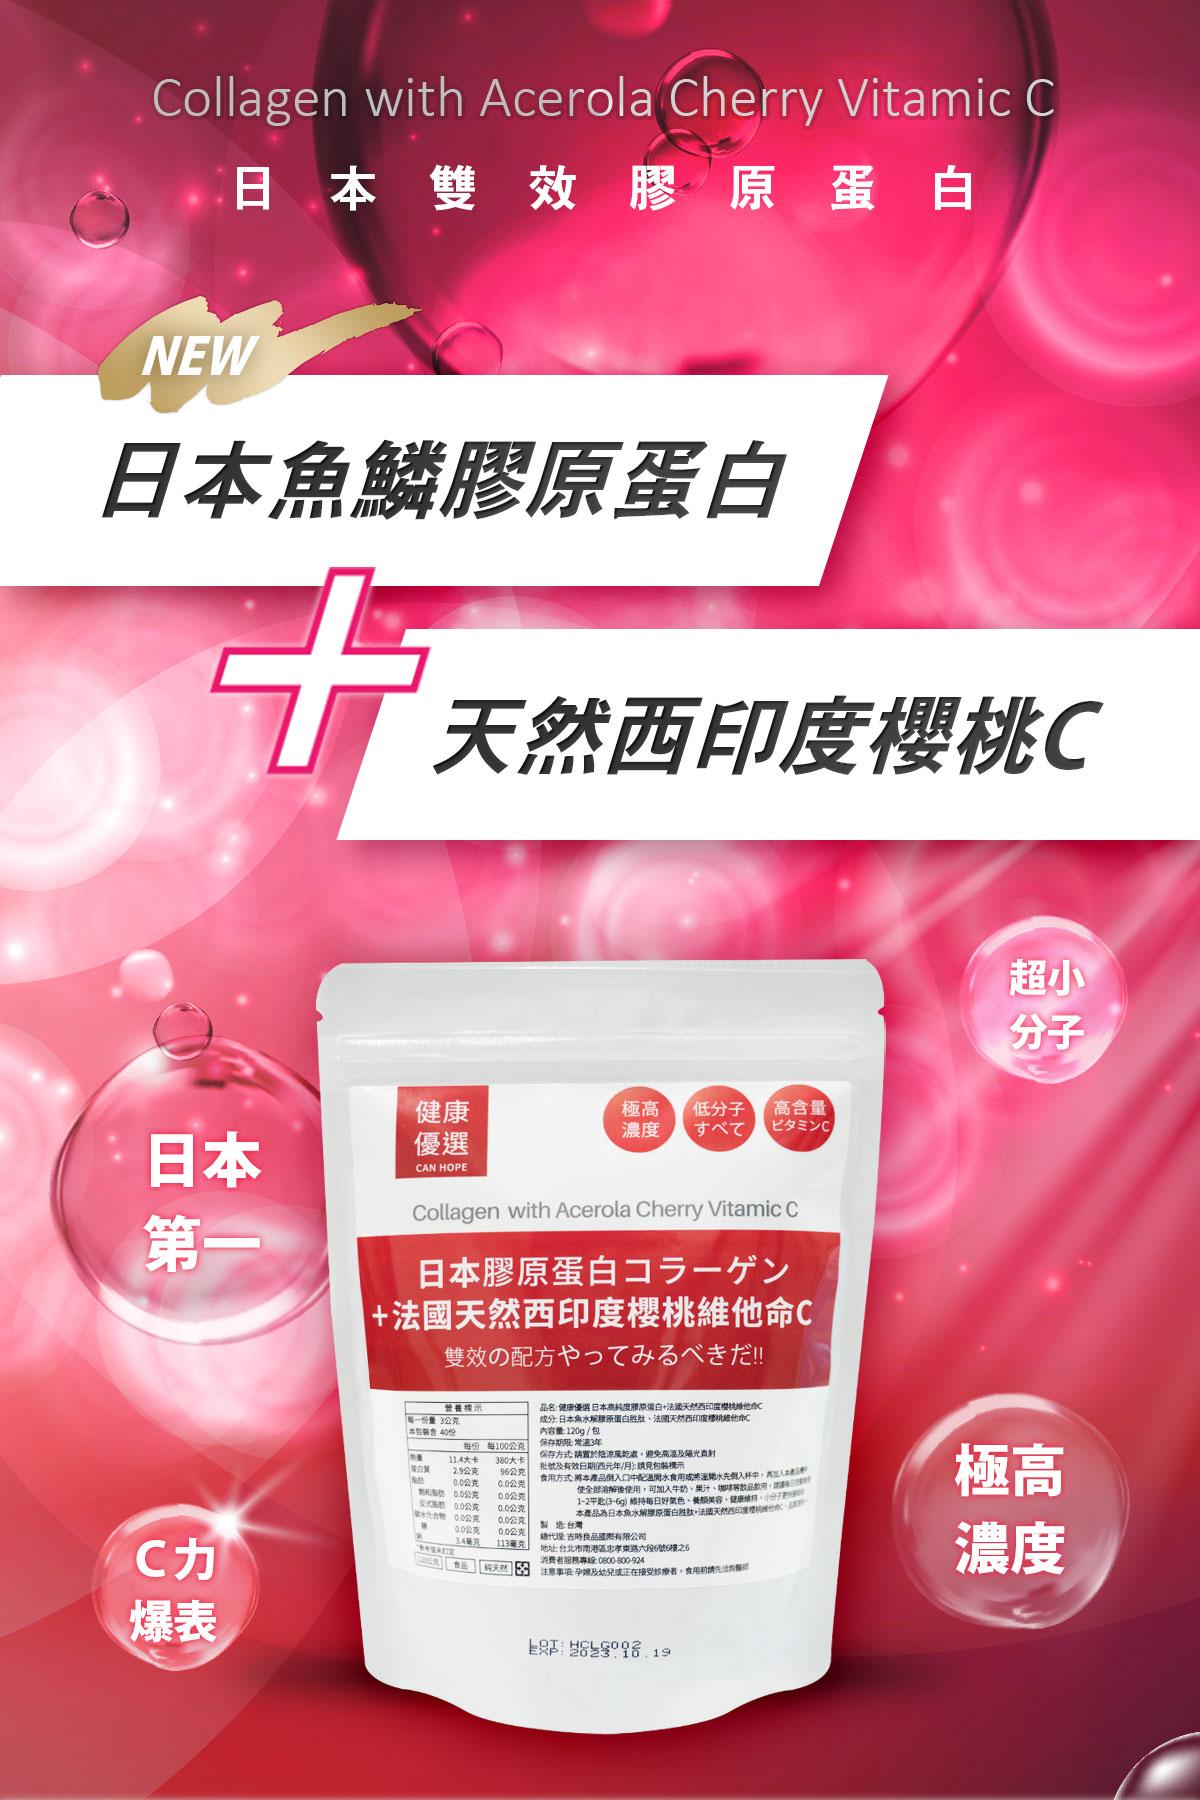 日本膠原蛋白+西印度櫻桃C-日本雙效膠原蛋白美容效果更好-0800-800-924